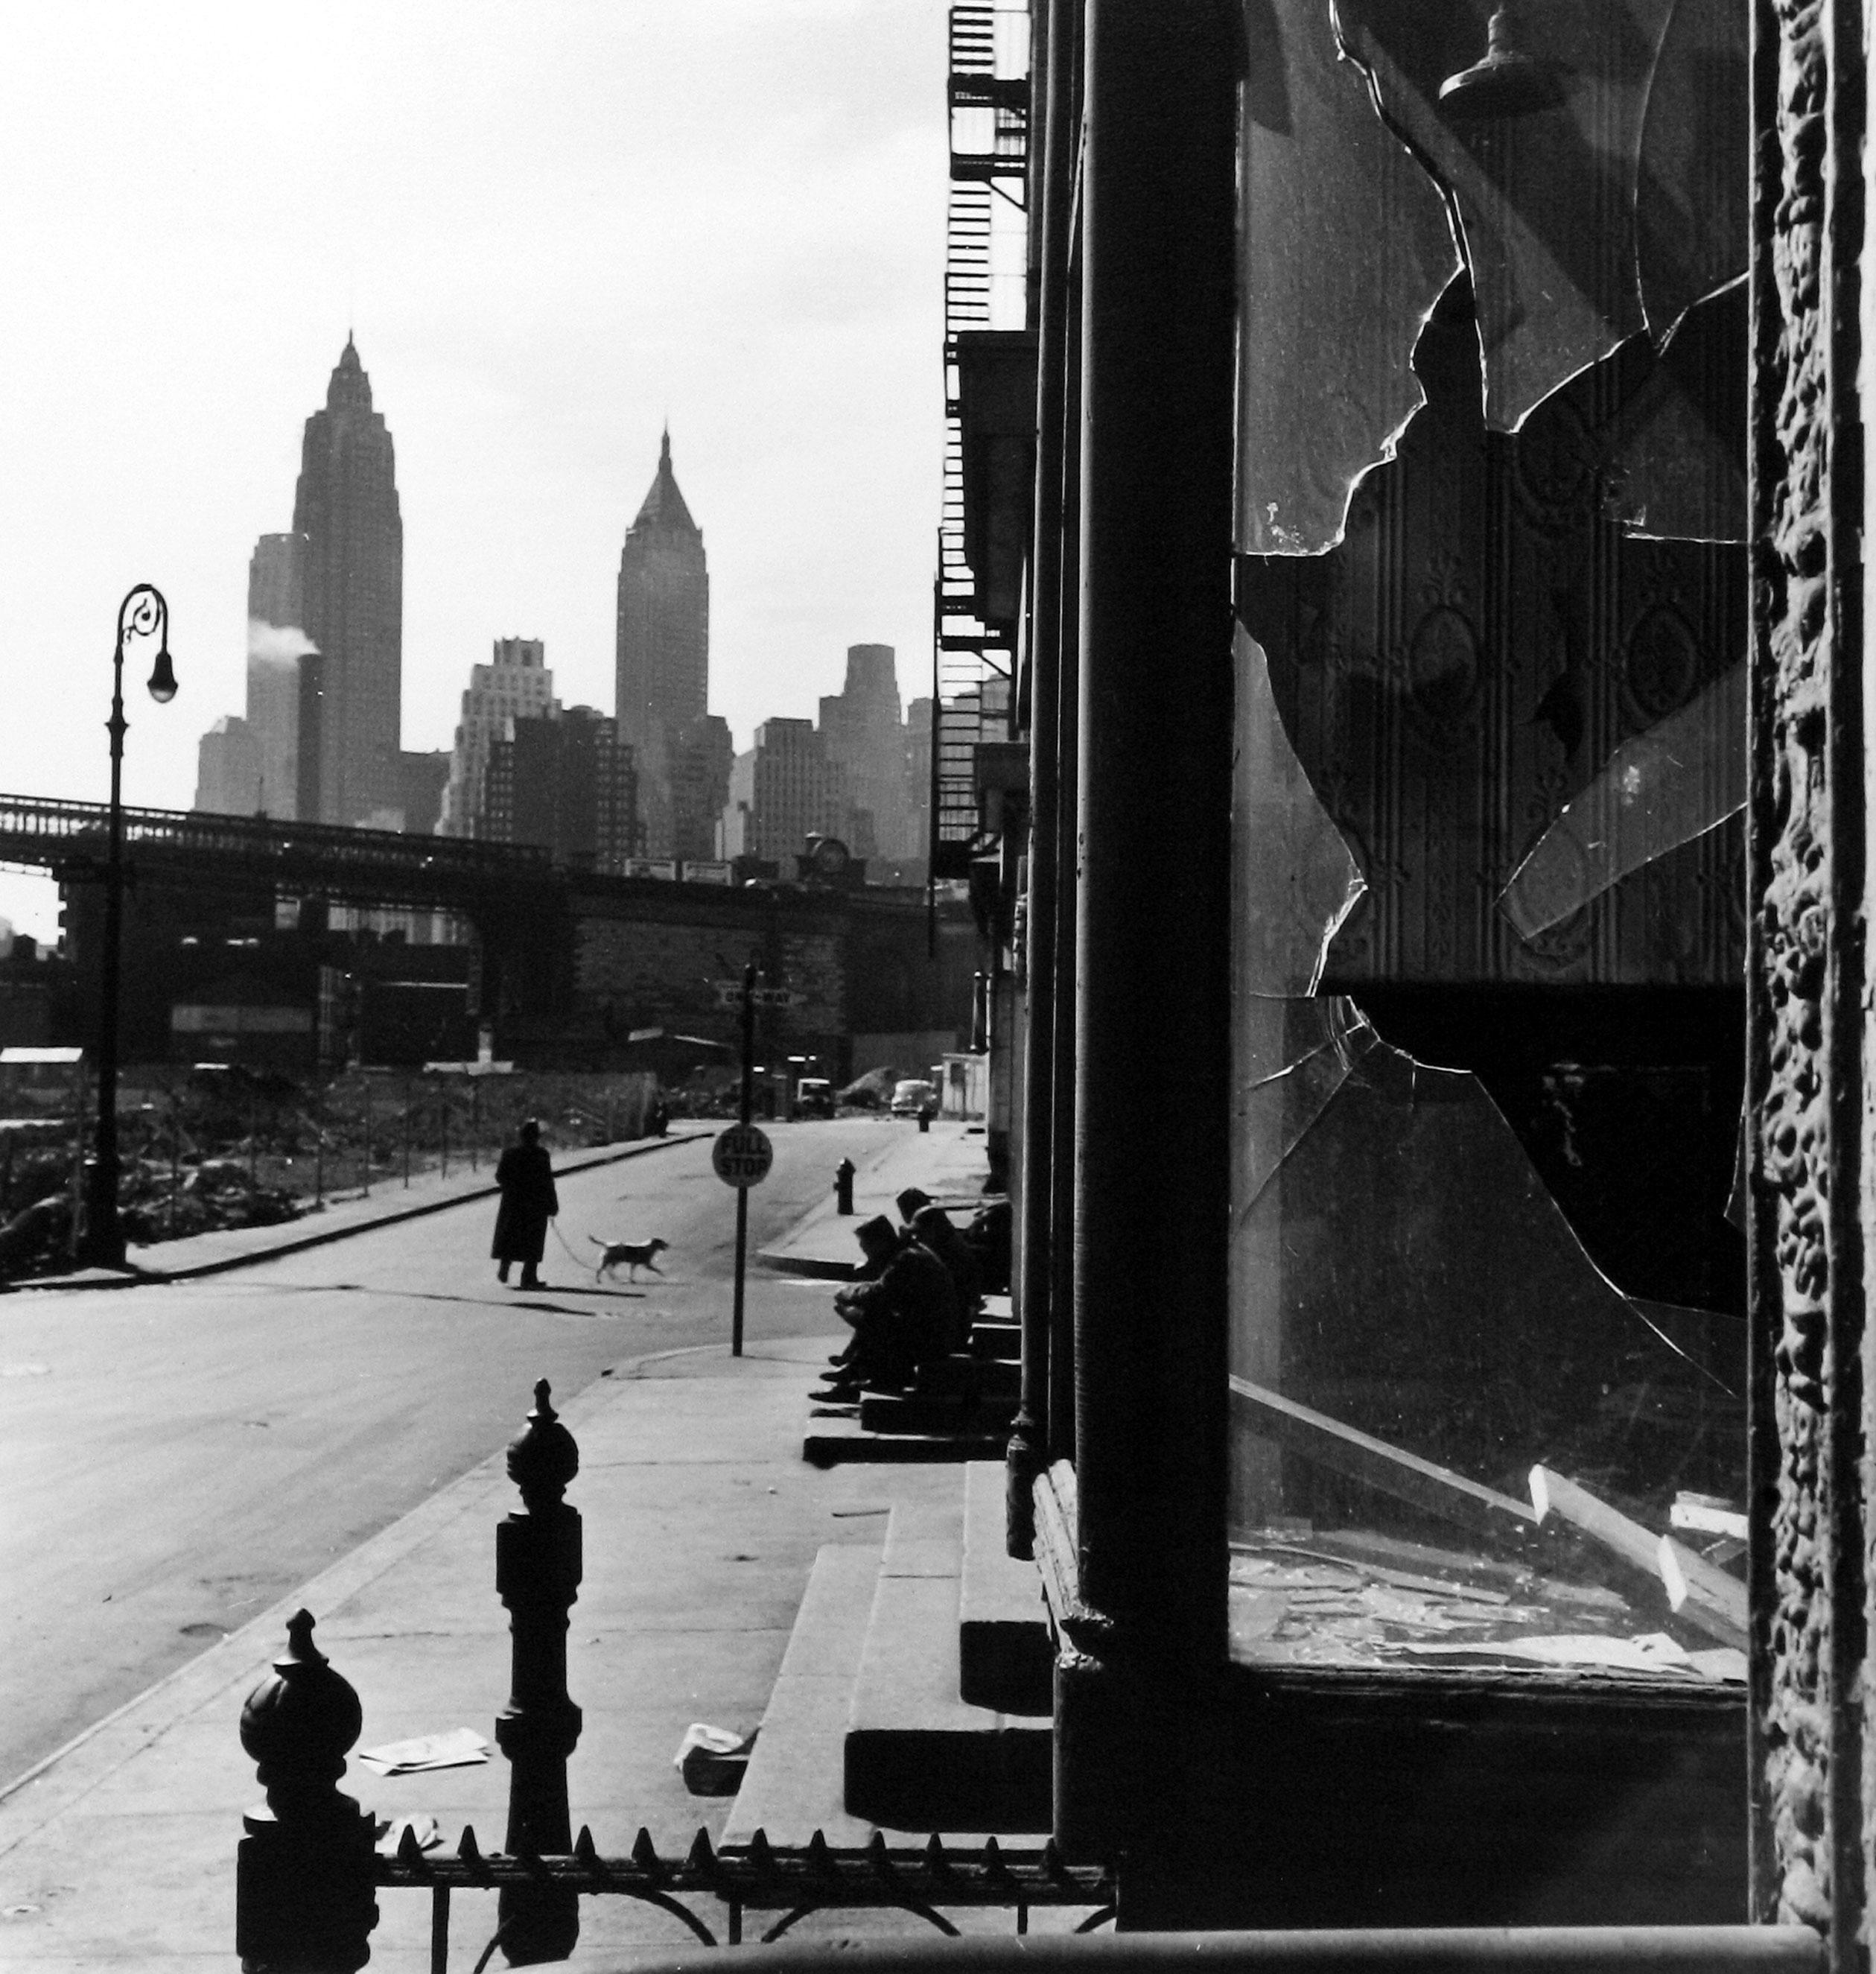 South St., Broken Window, 1947.